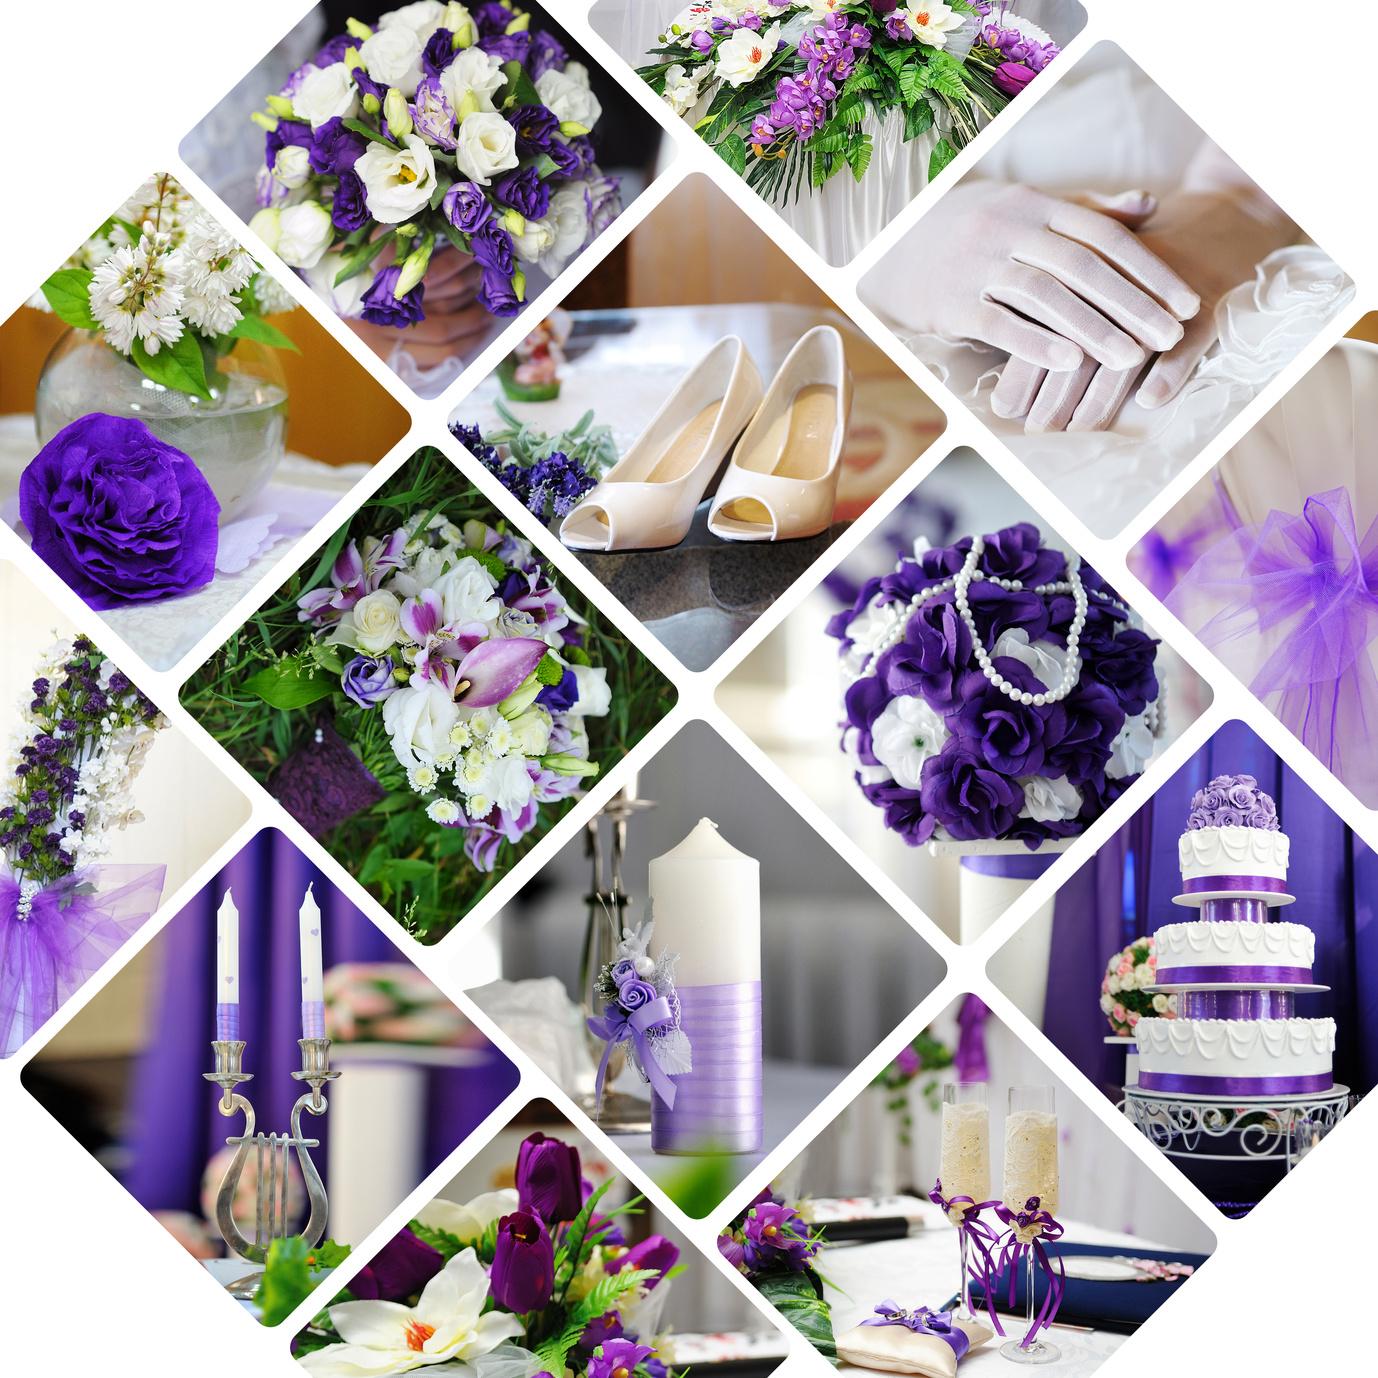 Hochzeitsmotto Blauviolett-helles Blaulila & Weiss